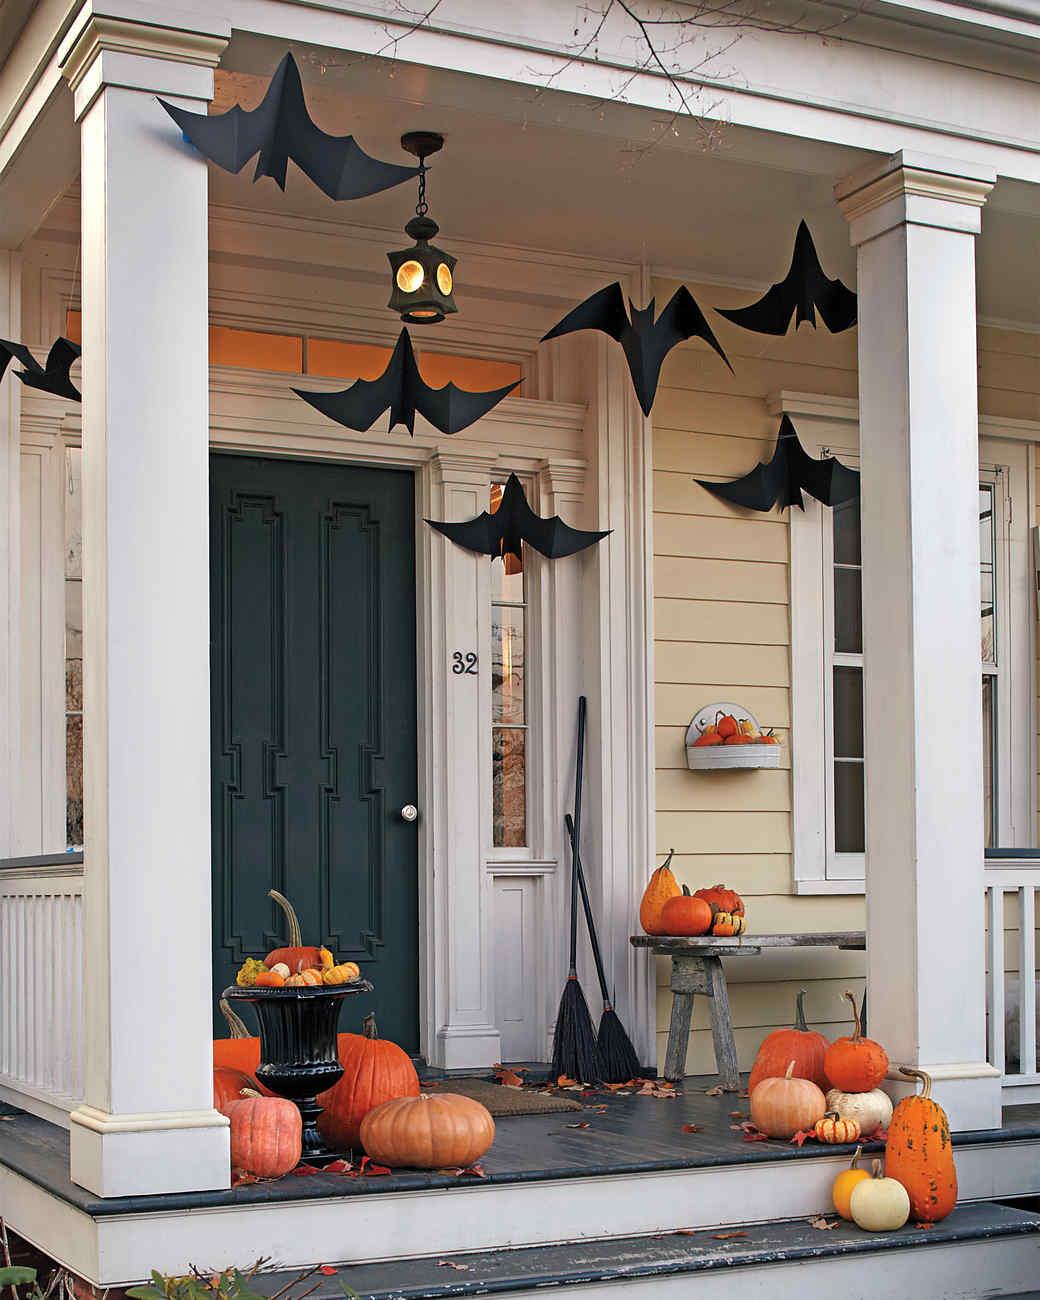 Halloween Outdoor Decorations Part - 25: Hanging Bats